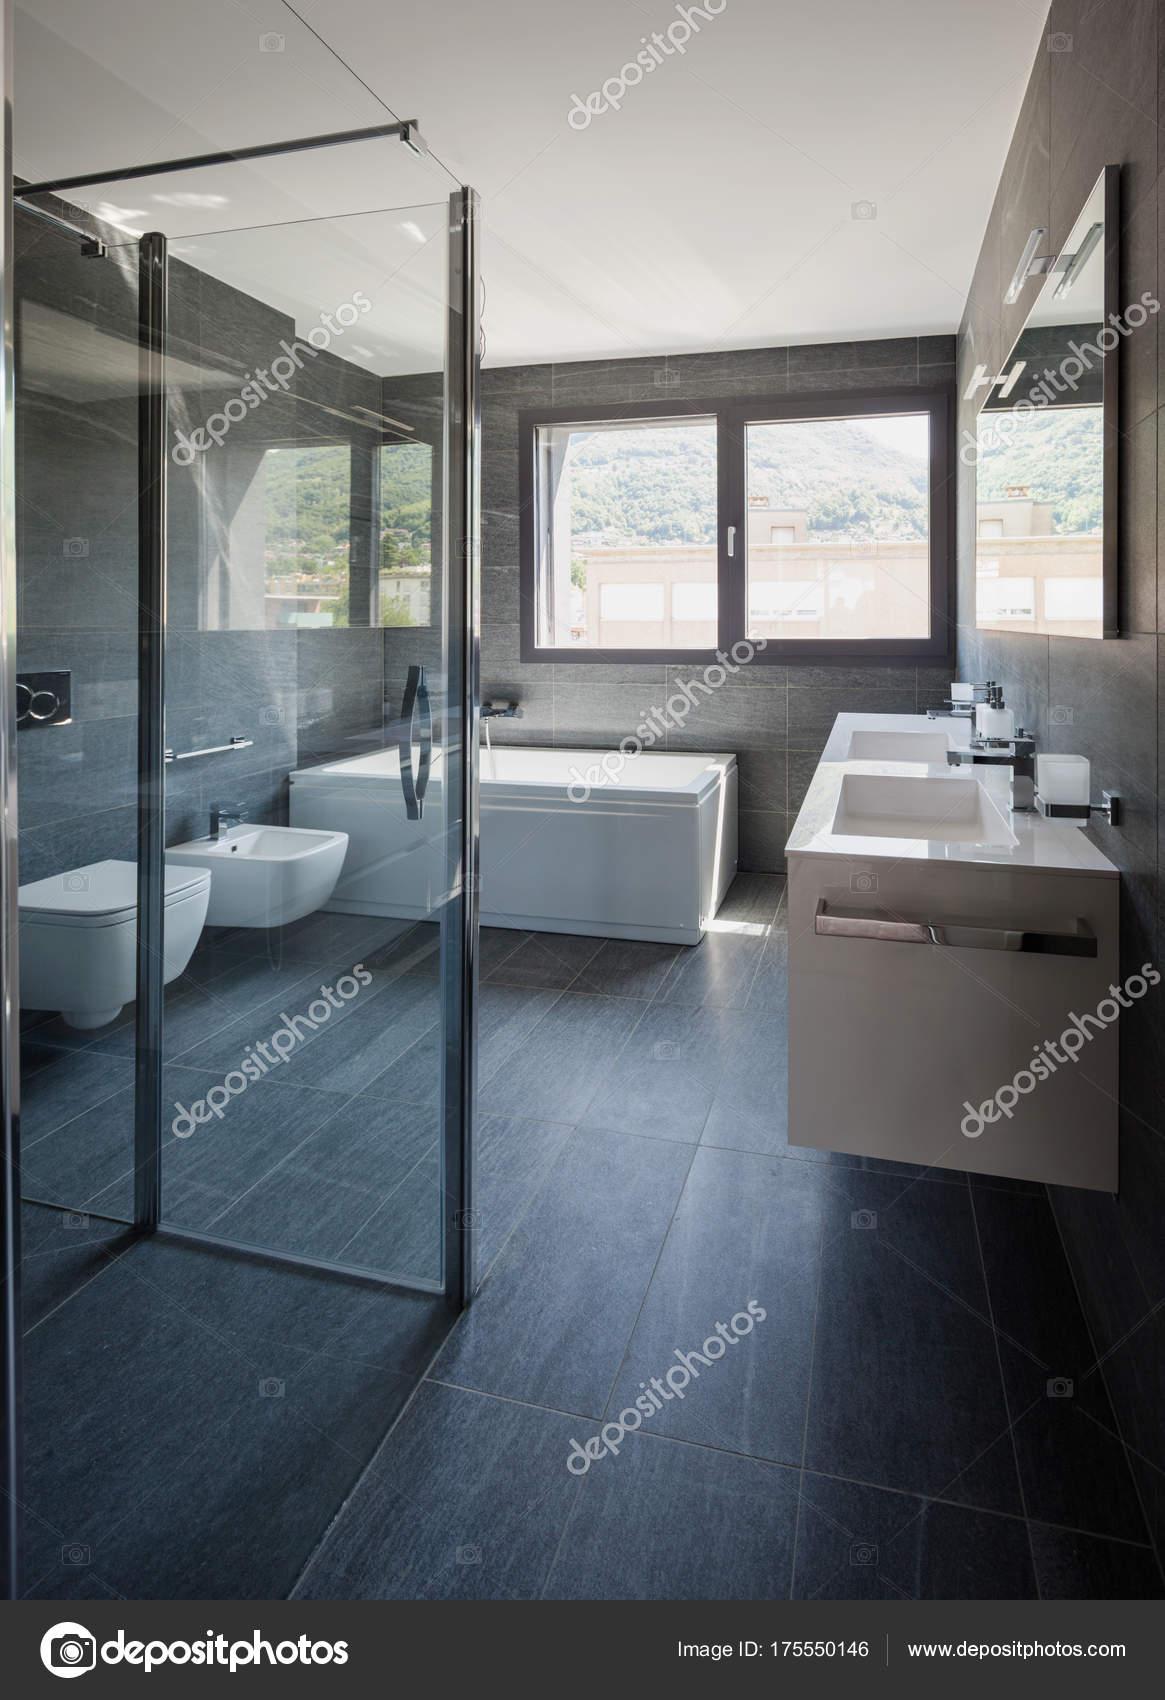 Moderne luxus-badezimmer — Stockfoto © Zveiger #175550146